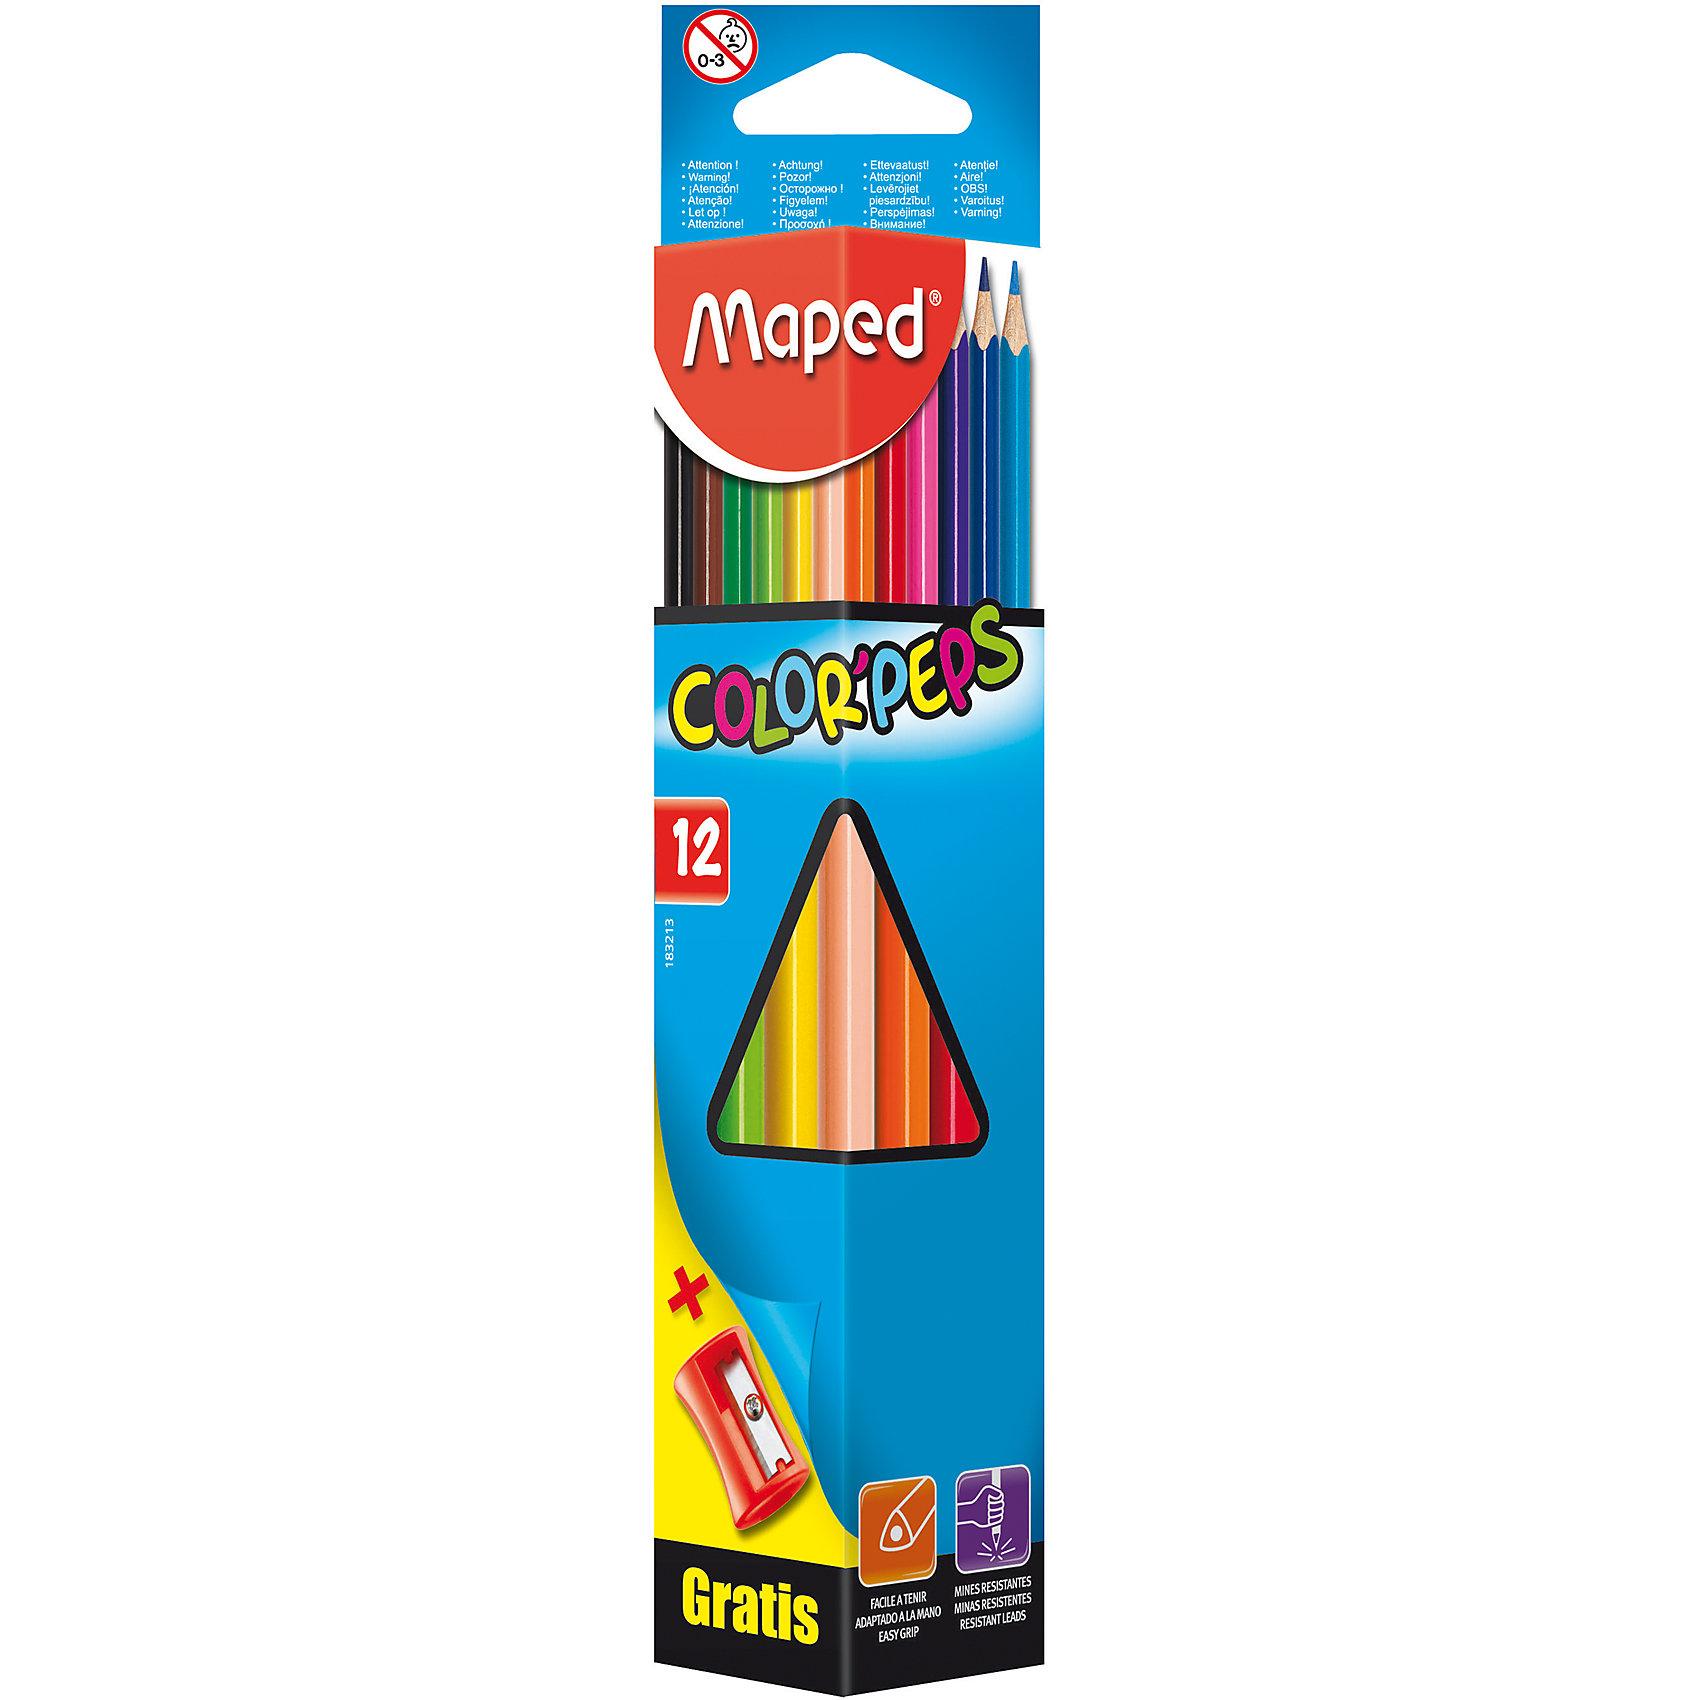 Карандаши цветные COLORPEPS, треугольные+точилка, 12 цветов, MAPEDПисьменные принадлежности<br>Карандаши цветные COLORPEPS, треугольные+точилка, 12 цветов, MAPED (МАПЕД).<br><br>Характеристики:<br><br>• Для детей в возрасте: от 3 лет<br>• В наборе: 12 карандашей, точилка Vivo с 1 отверстием<br>• Количество цветов: 12<br>• Длина карандаша: 17,5 см.<br>• Диаметр карандаша: 7 мм.<br>• Диаметр грифеля: 2,9 мм.<br>• Изготовлены из древесины американской липы<br>• Упаковка: картонный футляр треугольной формы с окошком<br>• Размер упаковки: 230х51х32 мм.<br>• Вес: 72 гр.<br><br>Набор цветных карандашей Color Peps идеален для раскрашивания и рисования. Набор содержит 12 карандашей, ярких насыщенных цветов и точилку Vivo с 1 отверстием. Карандаши имеют мягкий, ударопрочный грифель. Эргономичная треугольная форма позволяет легко и удобно держать карандаш в руке даже самым маленьким. Карандаши не трескаются и легко затачиваются. Корпус карандашей изготовлен из древесины американской липы. Набор соответствует самым высоким европейским стандартам качества.<br><br>Карандаши цветные COLORPEPS, треугольные+точилка, 12 цветов, MAPED (МАПЕД) можно купить в нашем интернет-магазине.<br><br>Ширина мм: 230<br>Глубина мм: 51<br>Высота мм: 51<br>Вес г: 86<br>Возраст от месяцев: 36<br>Возраст до месяцев: 2147483647<br>Пол: Унисекс<br>Возраст: Детский<br>SKU: 5530027